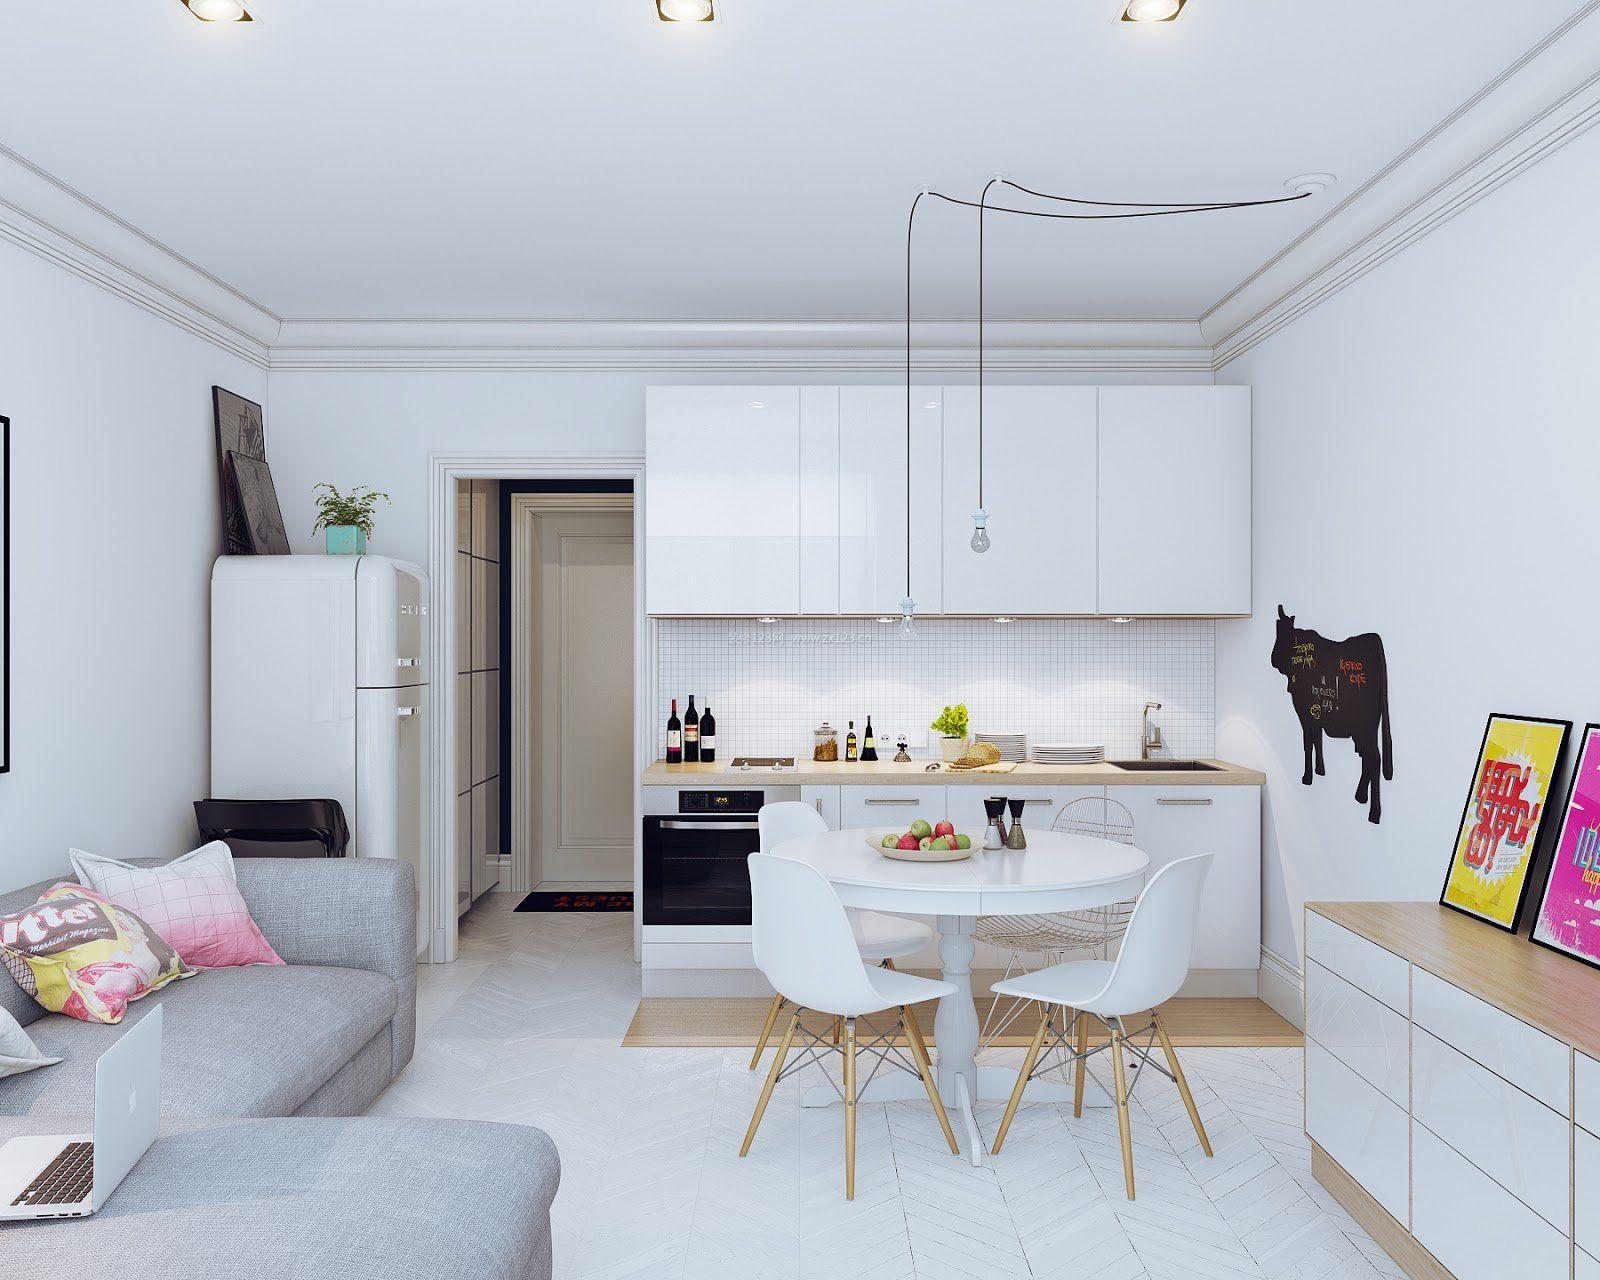 30平米小户型客厅厨房餐厅装修效果图